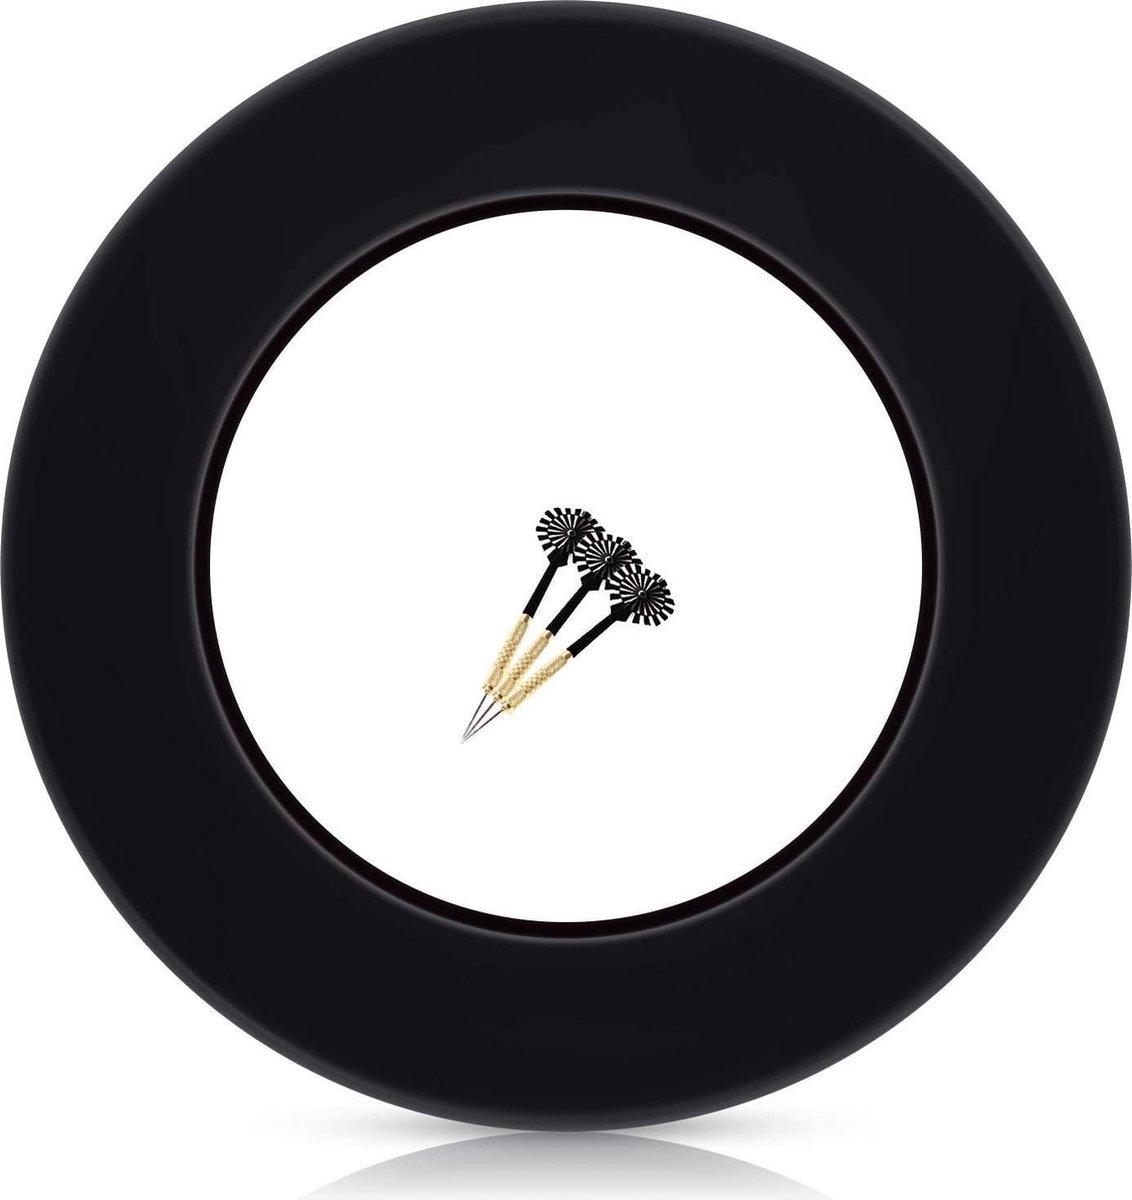 Dartbord Surround Ring - Zinaps Dart Surround voor alle Branded Dartboards - Dart Collection Ring in Black - Hoogwaardige stabiele rand - Wandbescherming voor het dartbord zonder extra bijlage - Professionele uitstraling- (WK 02127)